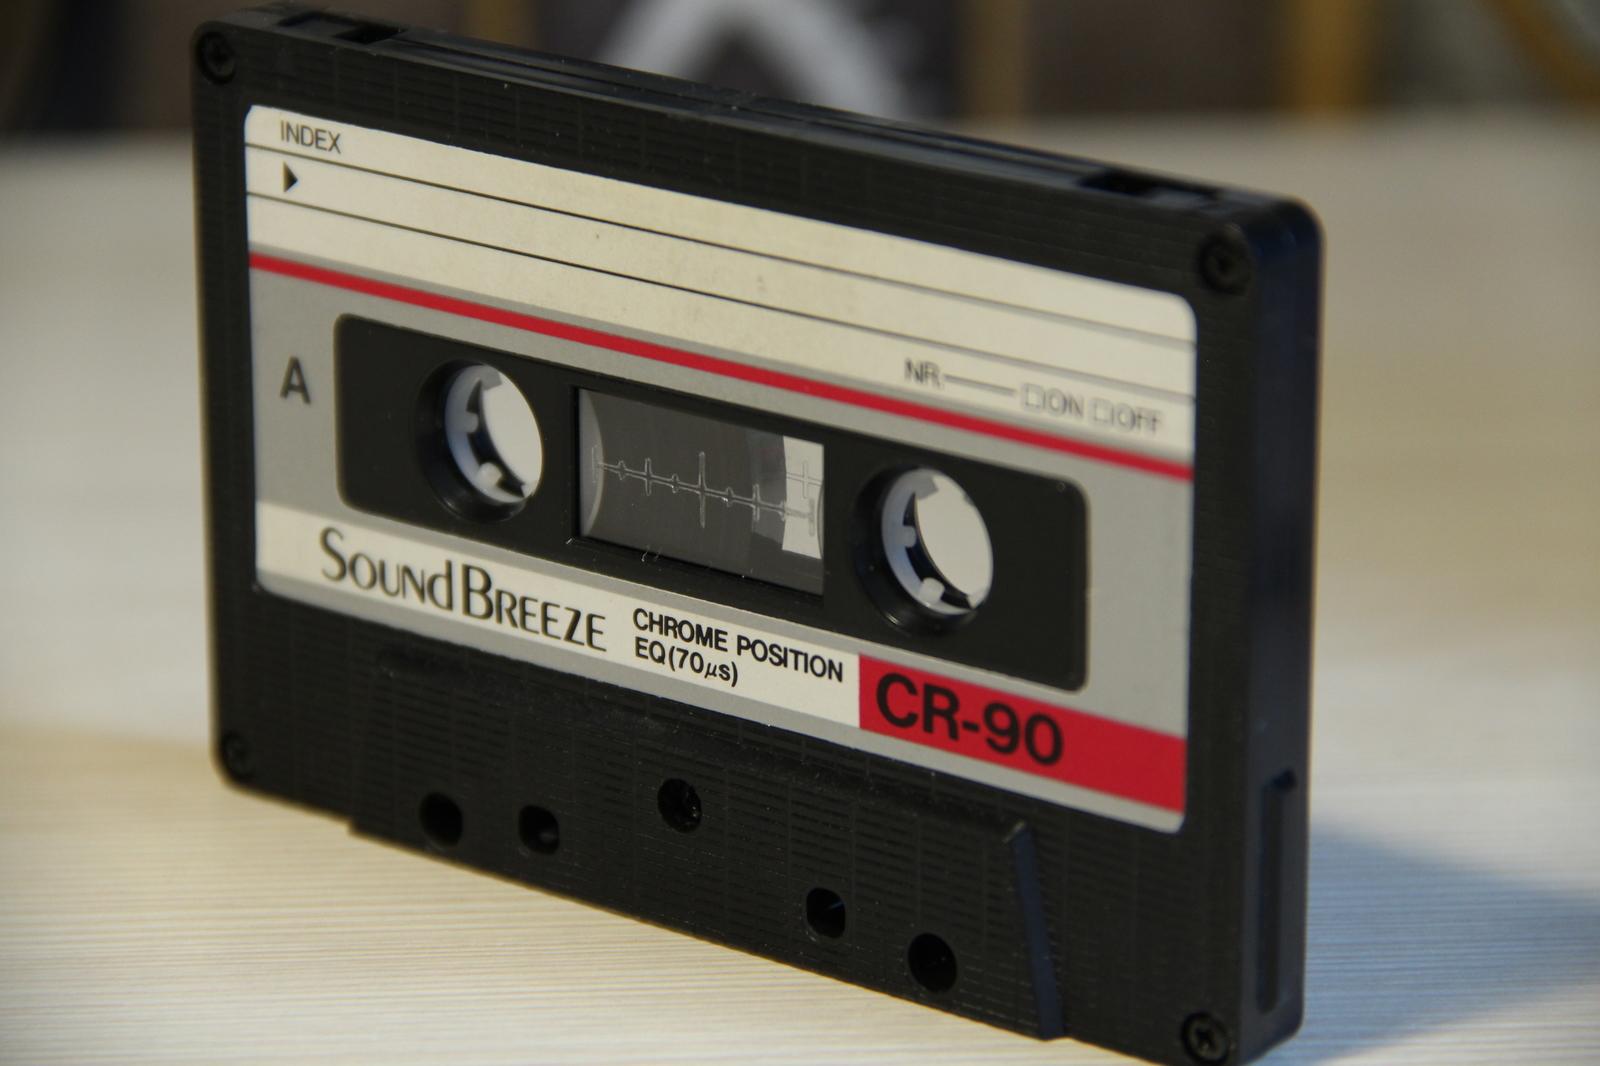 Немного дизайна кассет из 90х   Пикабу